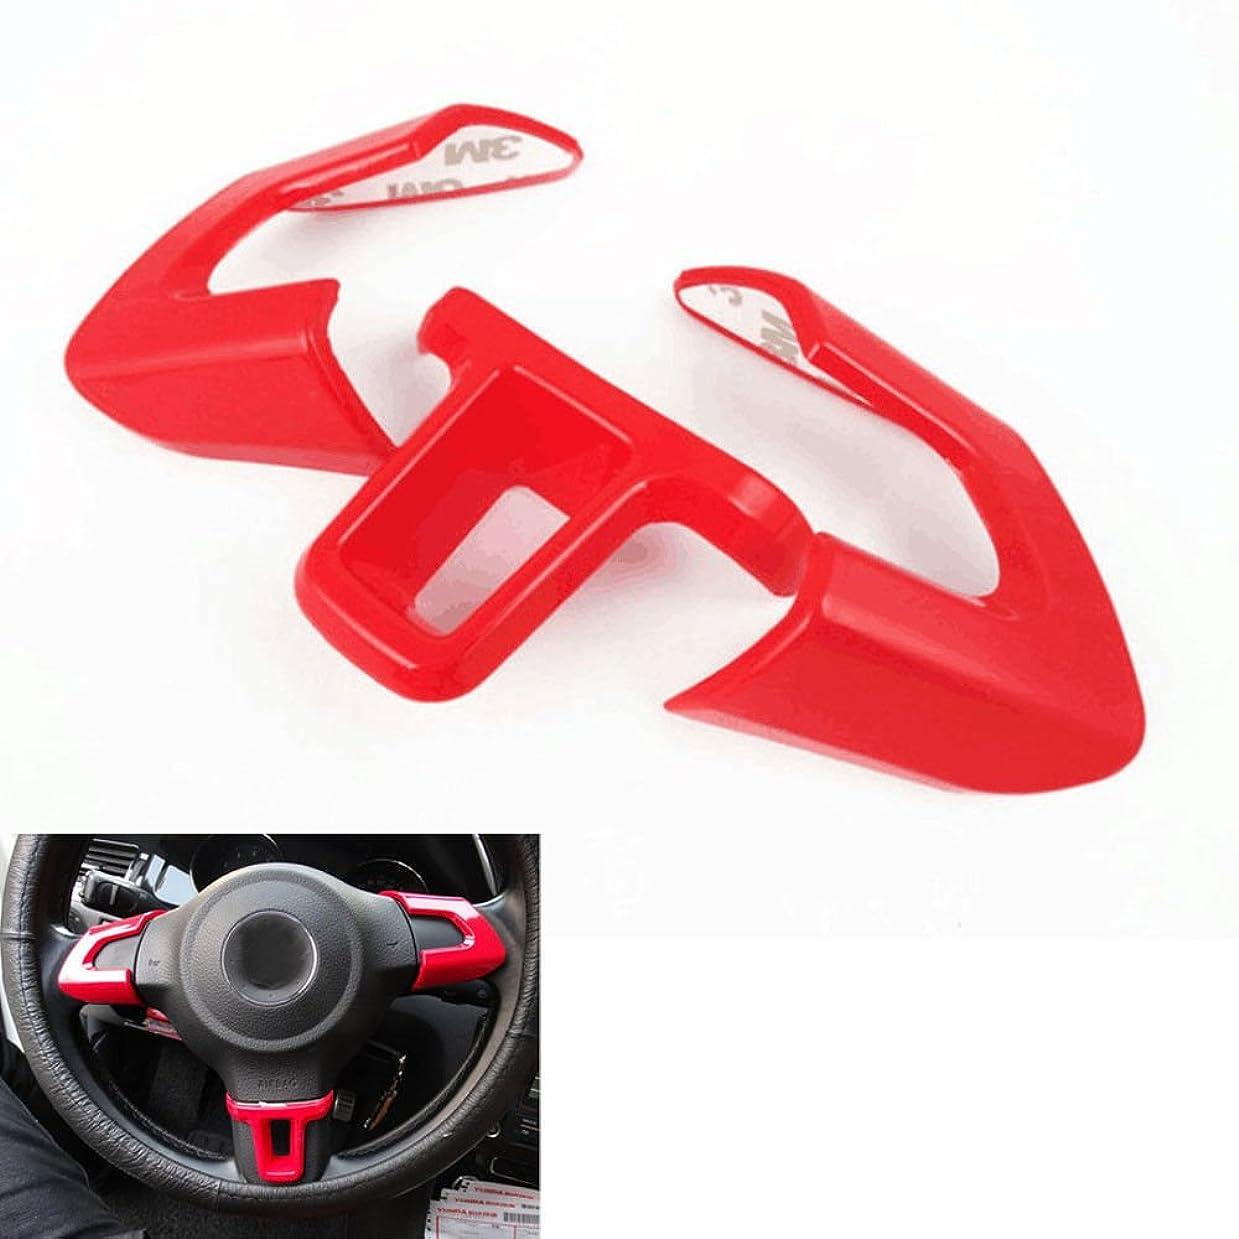 確認してくださいカナダシェードJicorzo - 3x Chrome Red Steering Wheel Cover Trim Unique Car Styling Sticker Fit For VW Golf MK6 POLO Bora 2013 2014